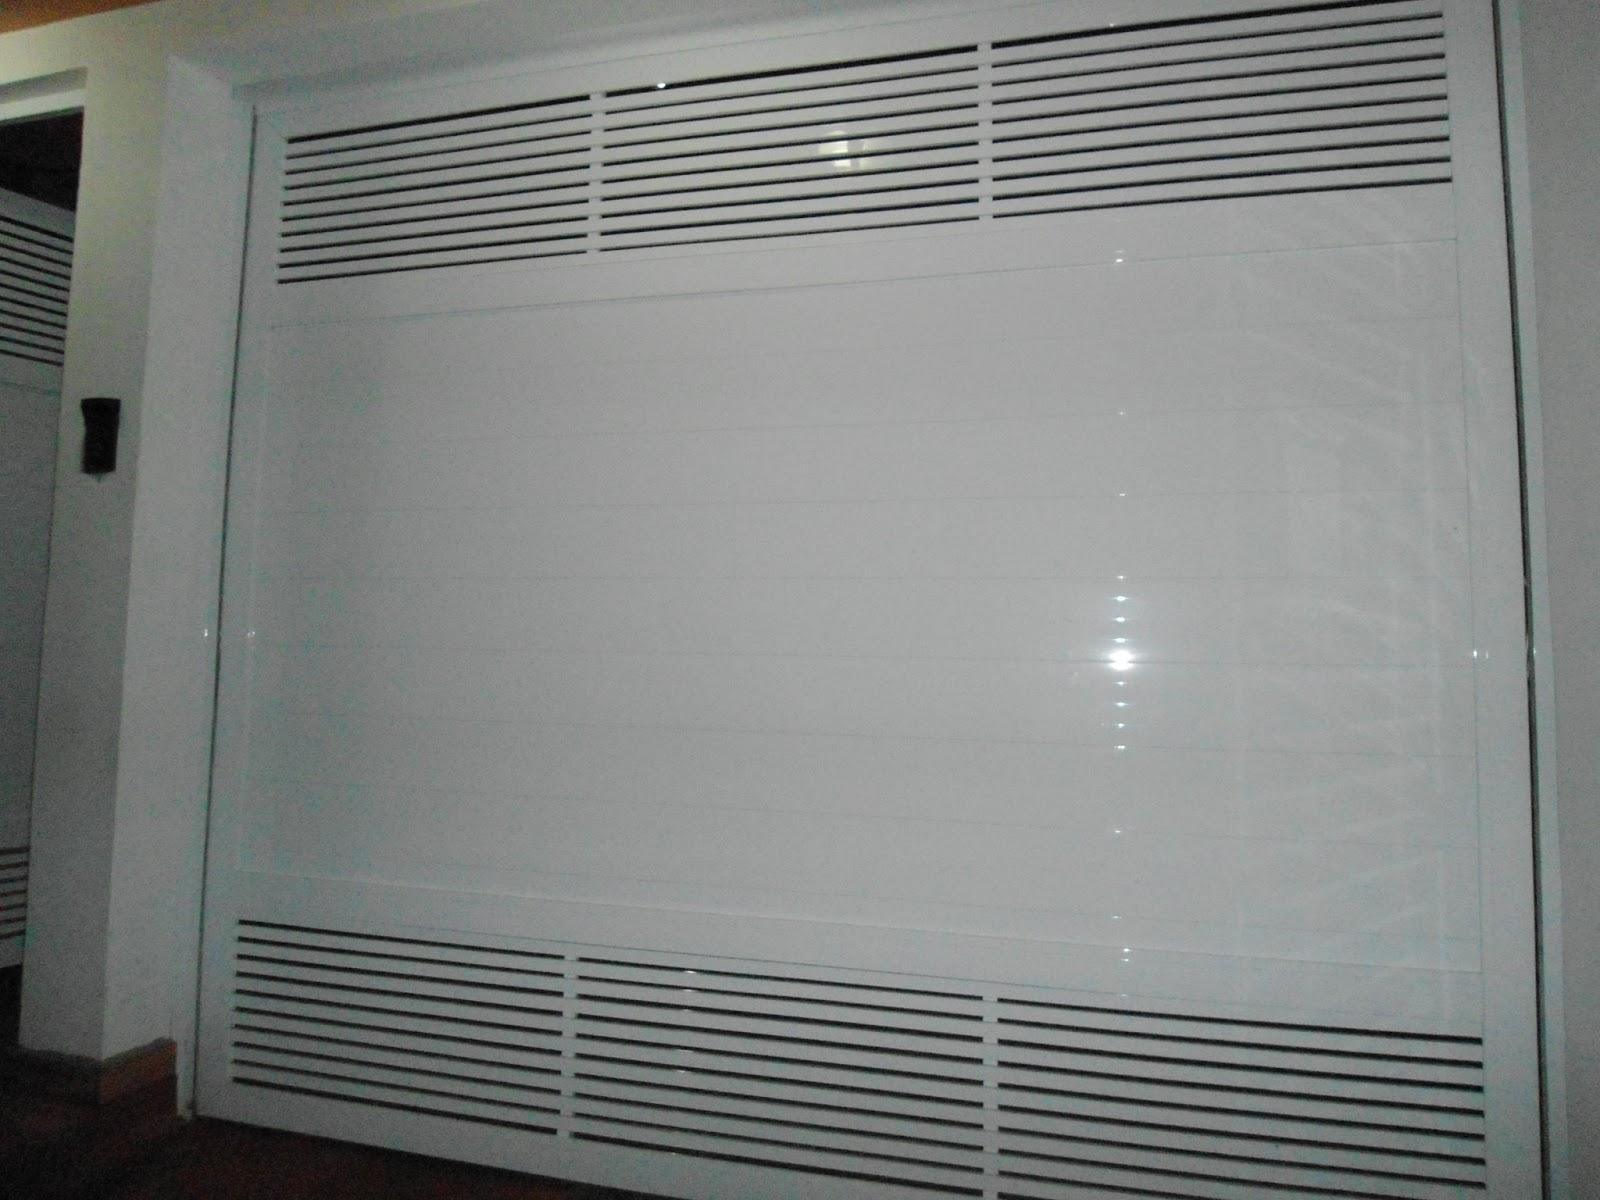 #614329 Revista Vidro Impresso Anuncie sua empresa na mais completa revista  1618 Vidros Termicos Janelas